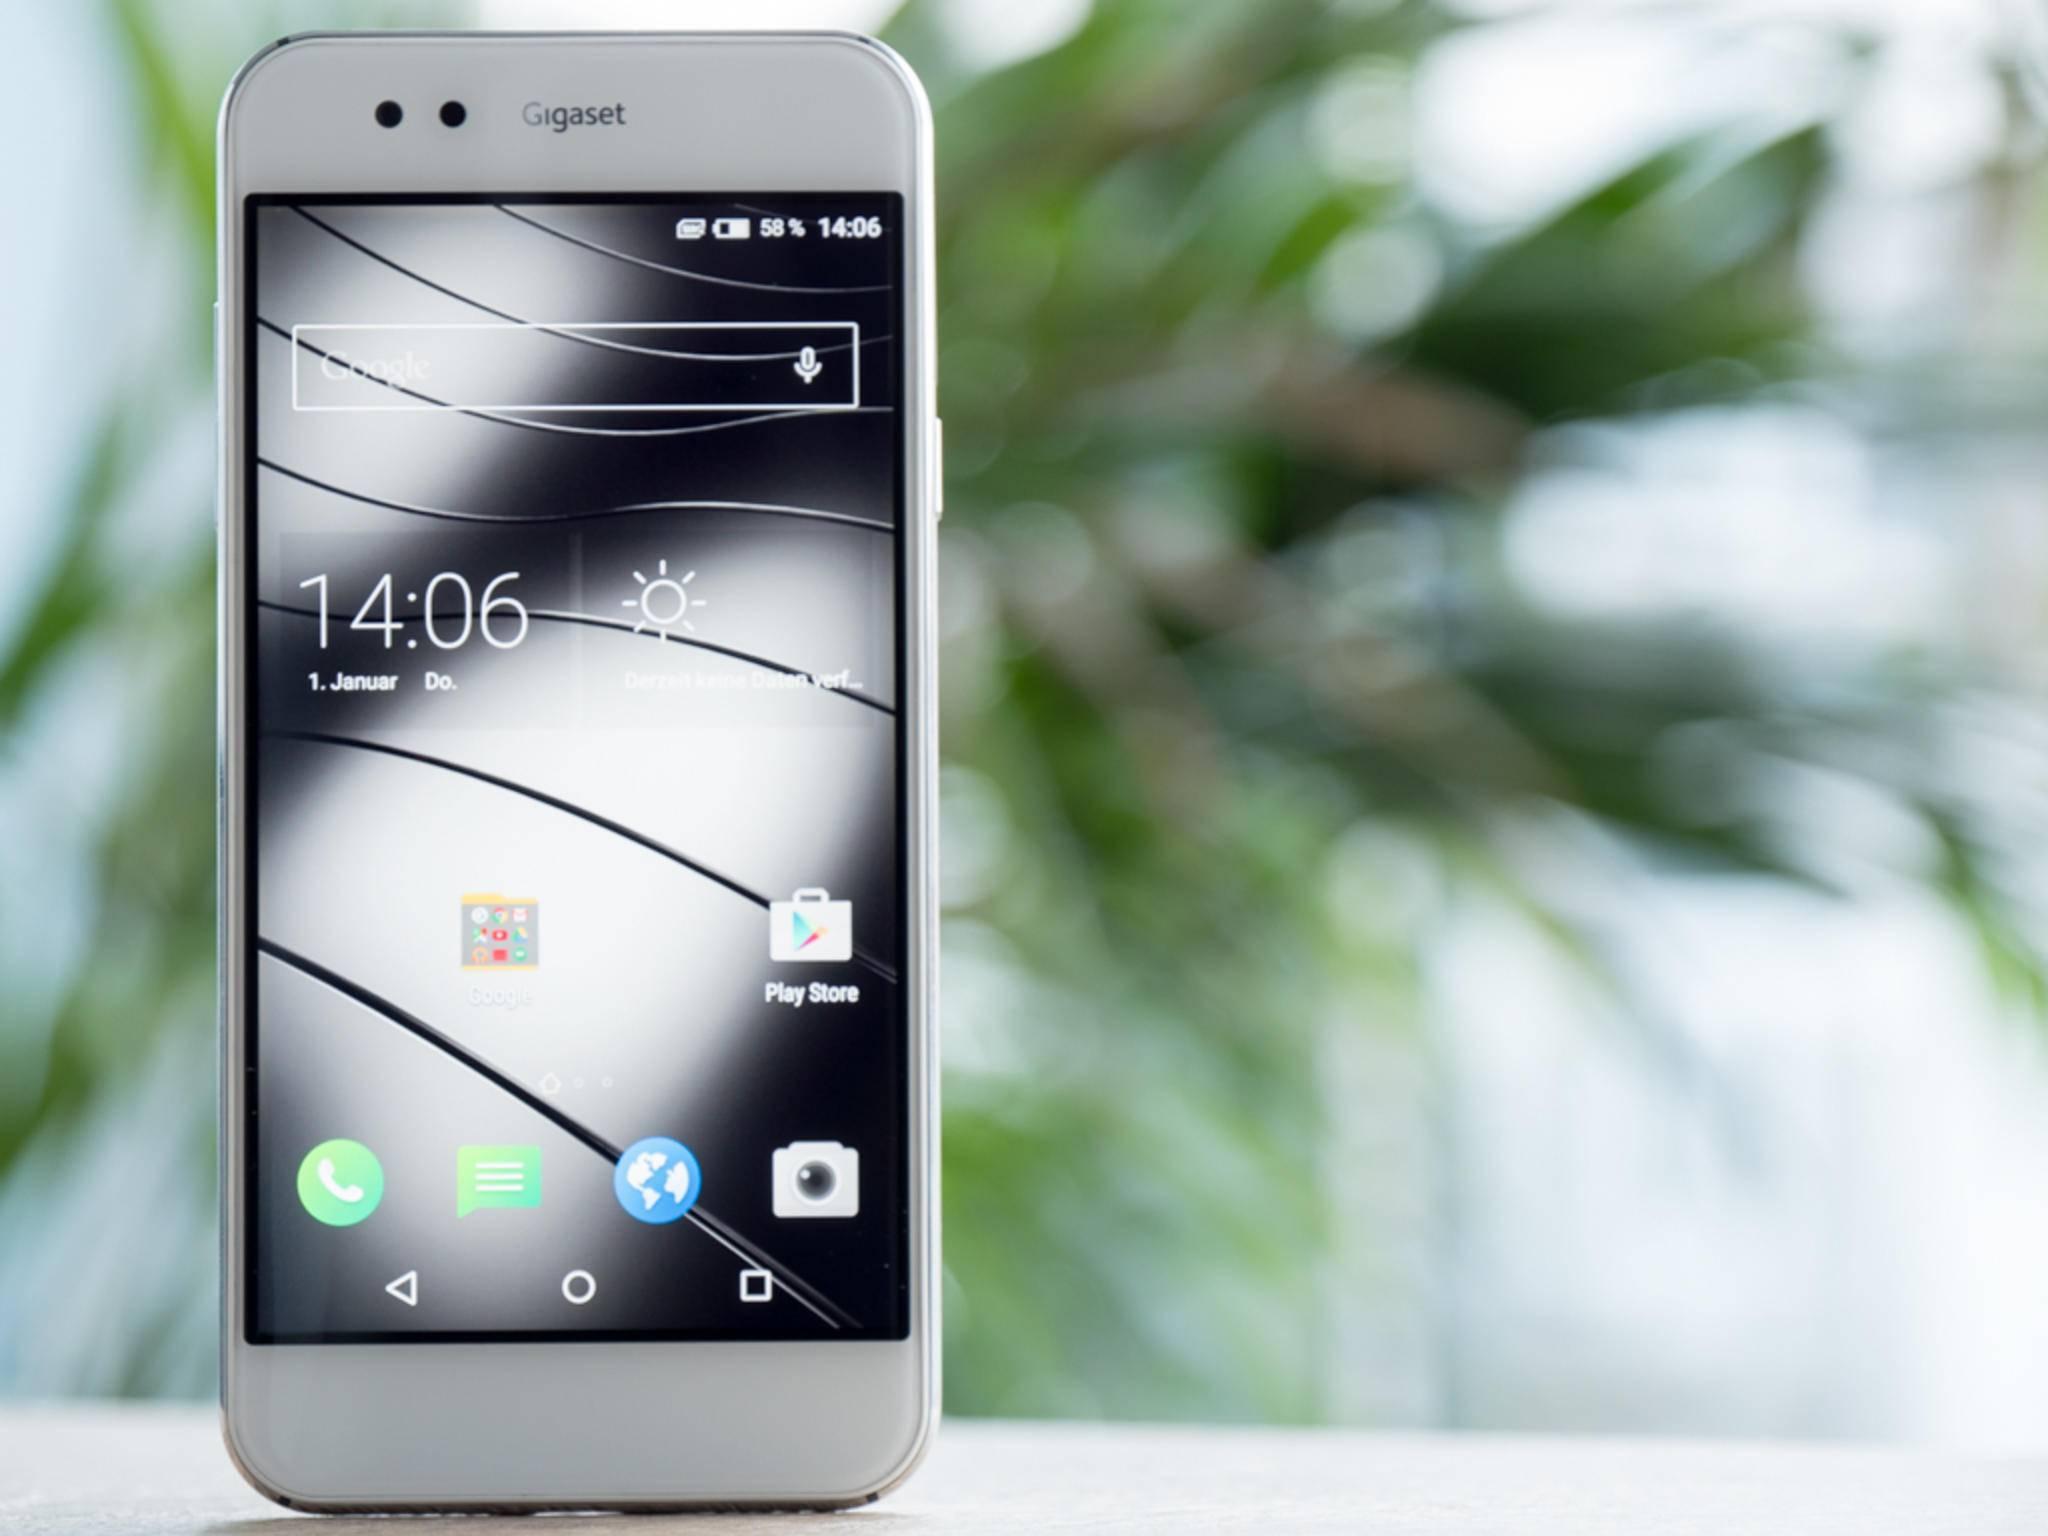 Das erste Smartphone des deutschen Herstellers Gigaset überraschte uns.